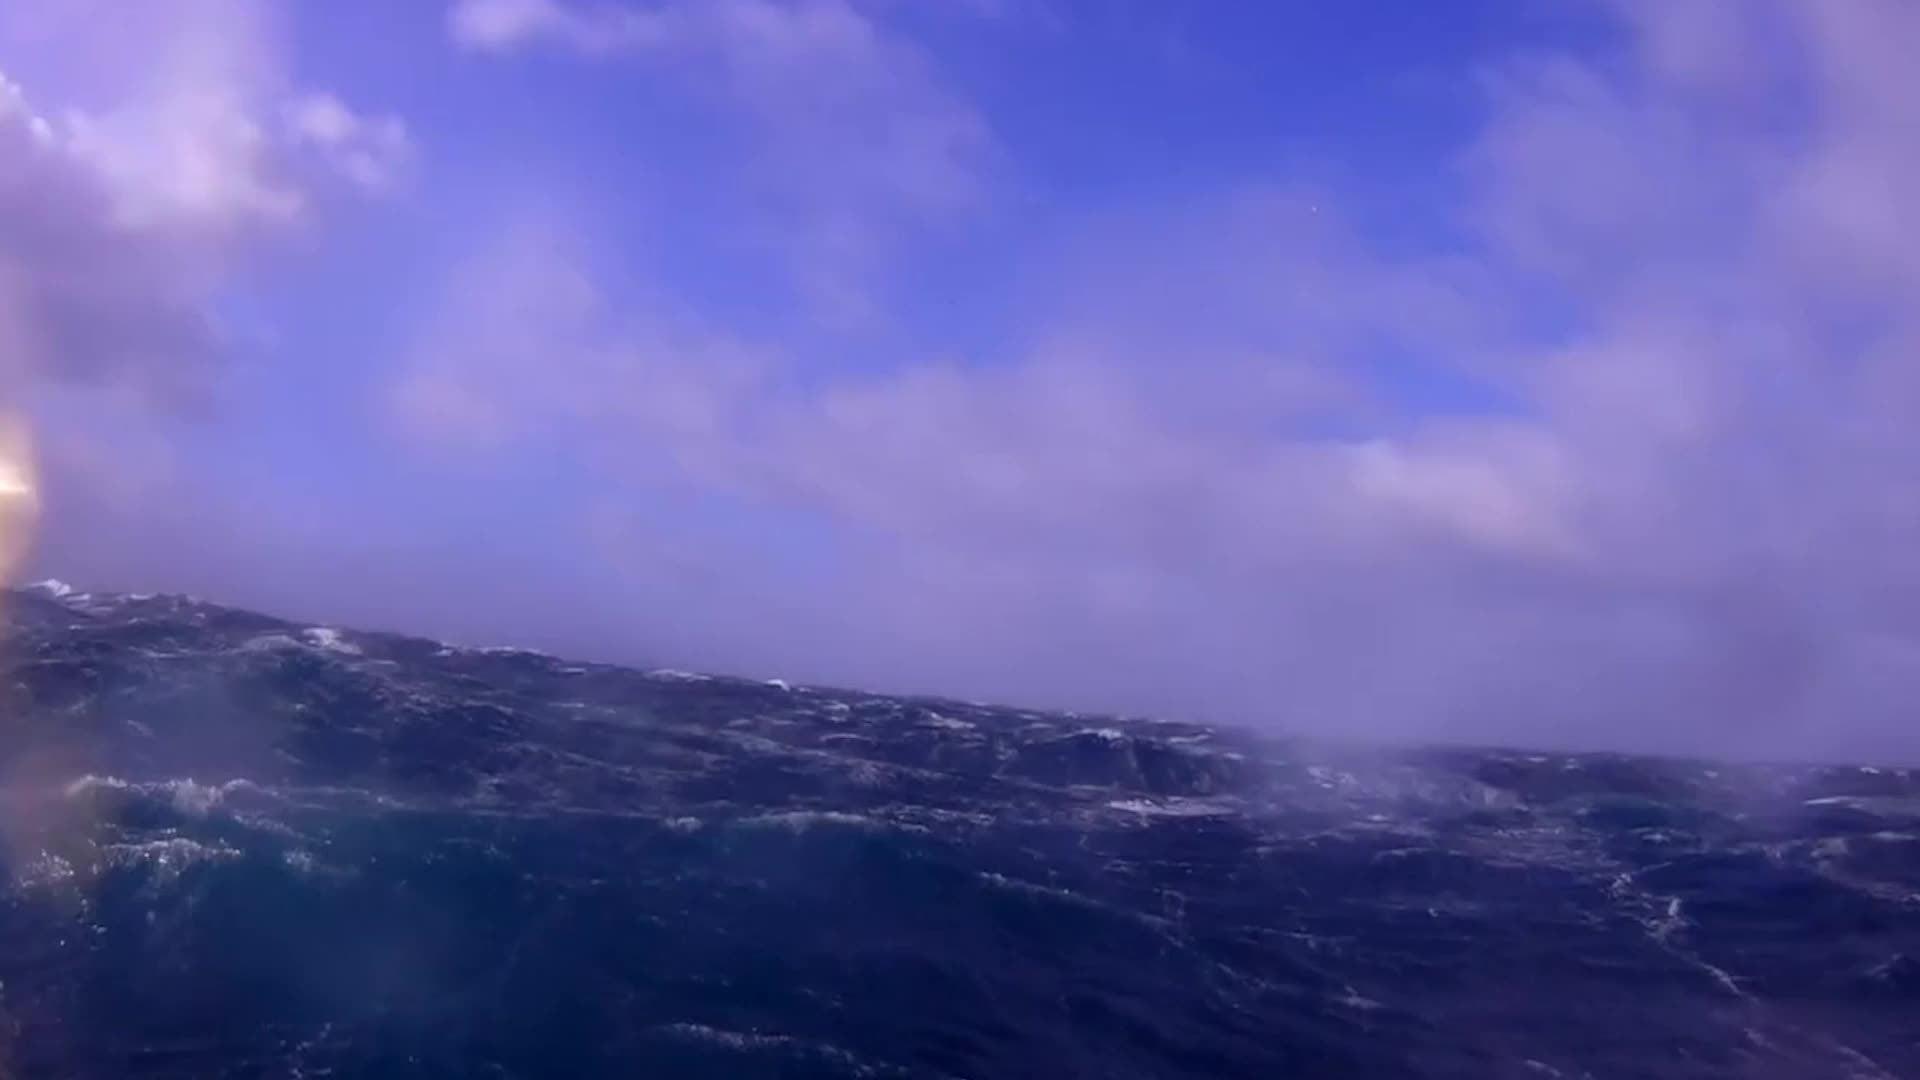 Tres Saildrones salieron de New Zealand el 19 de enero de 2019, comenzando un viaje de 13,000 millas alrededor de la Antártida. Dos regresaron para ser reparados, dejando uno intentando circundar la Antártida evadiendo olas de 60 pies, fuertes vientos y icebergs.